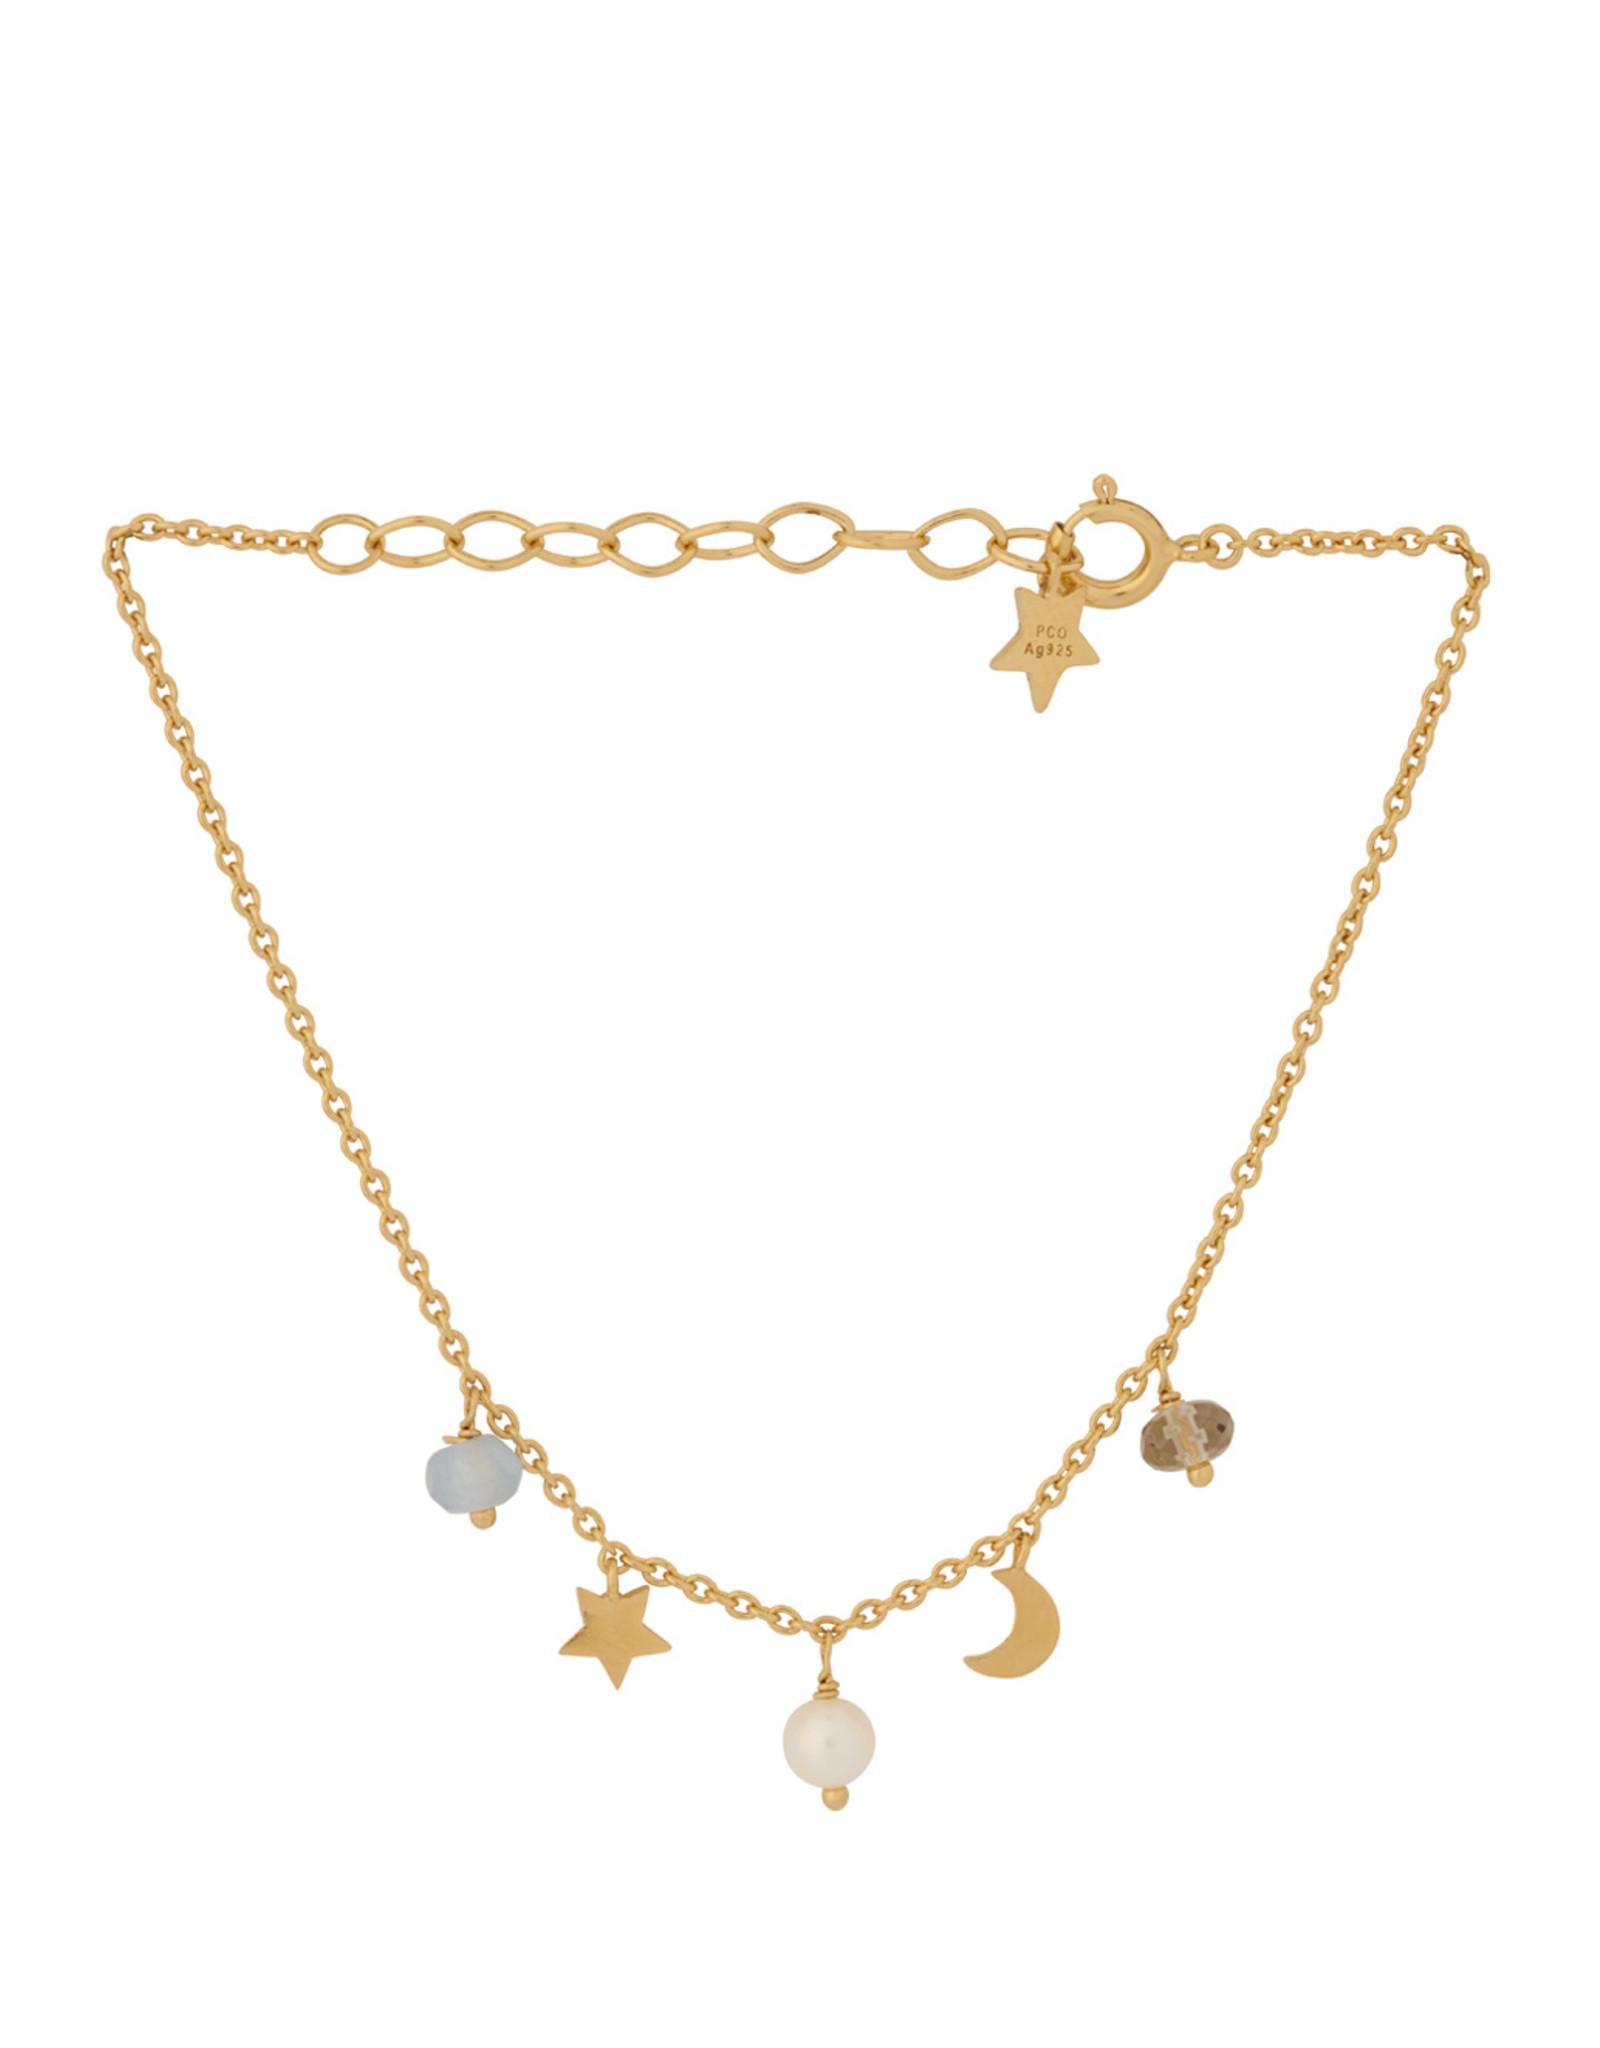 Pernille Corydon Dream Bracelet